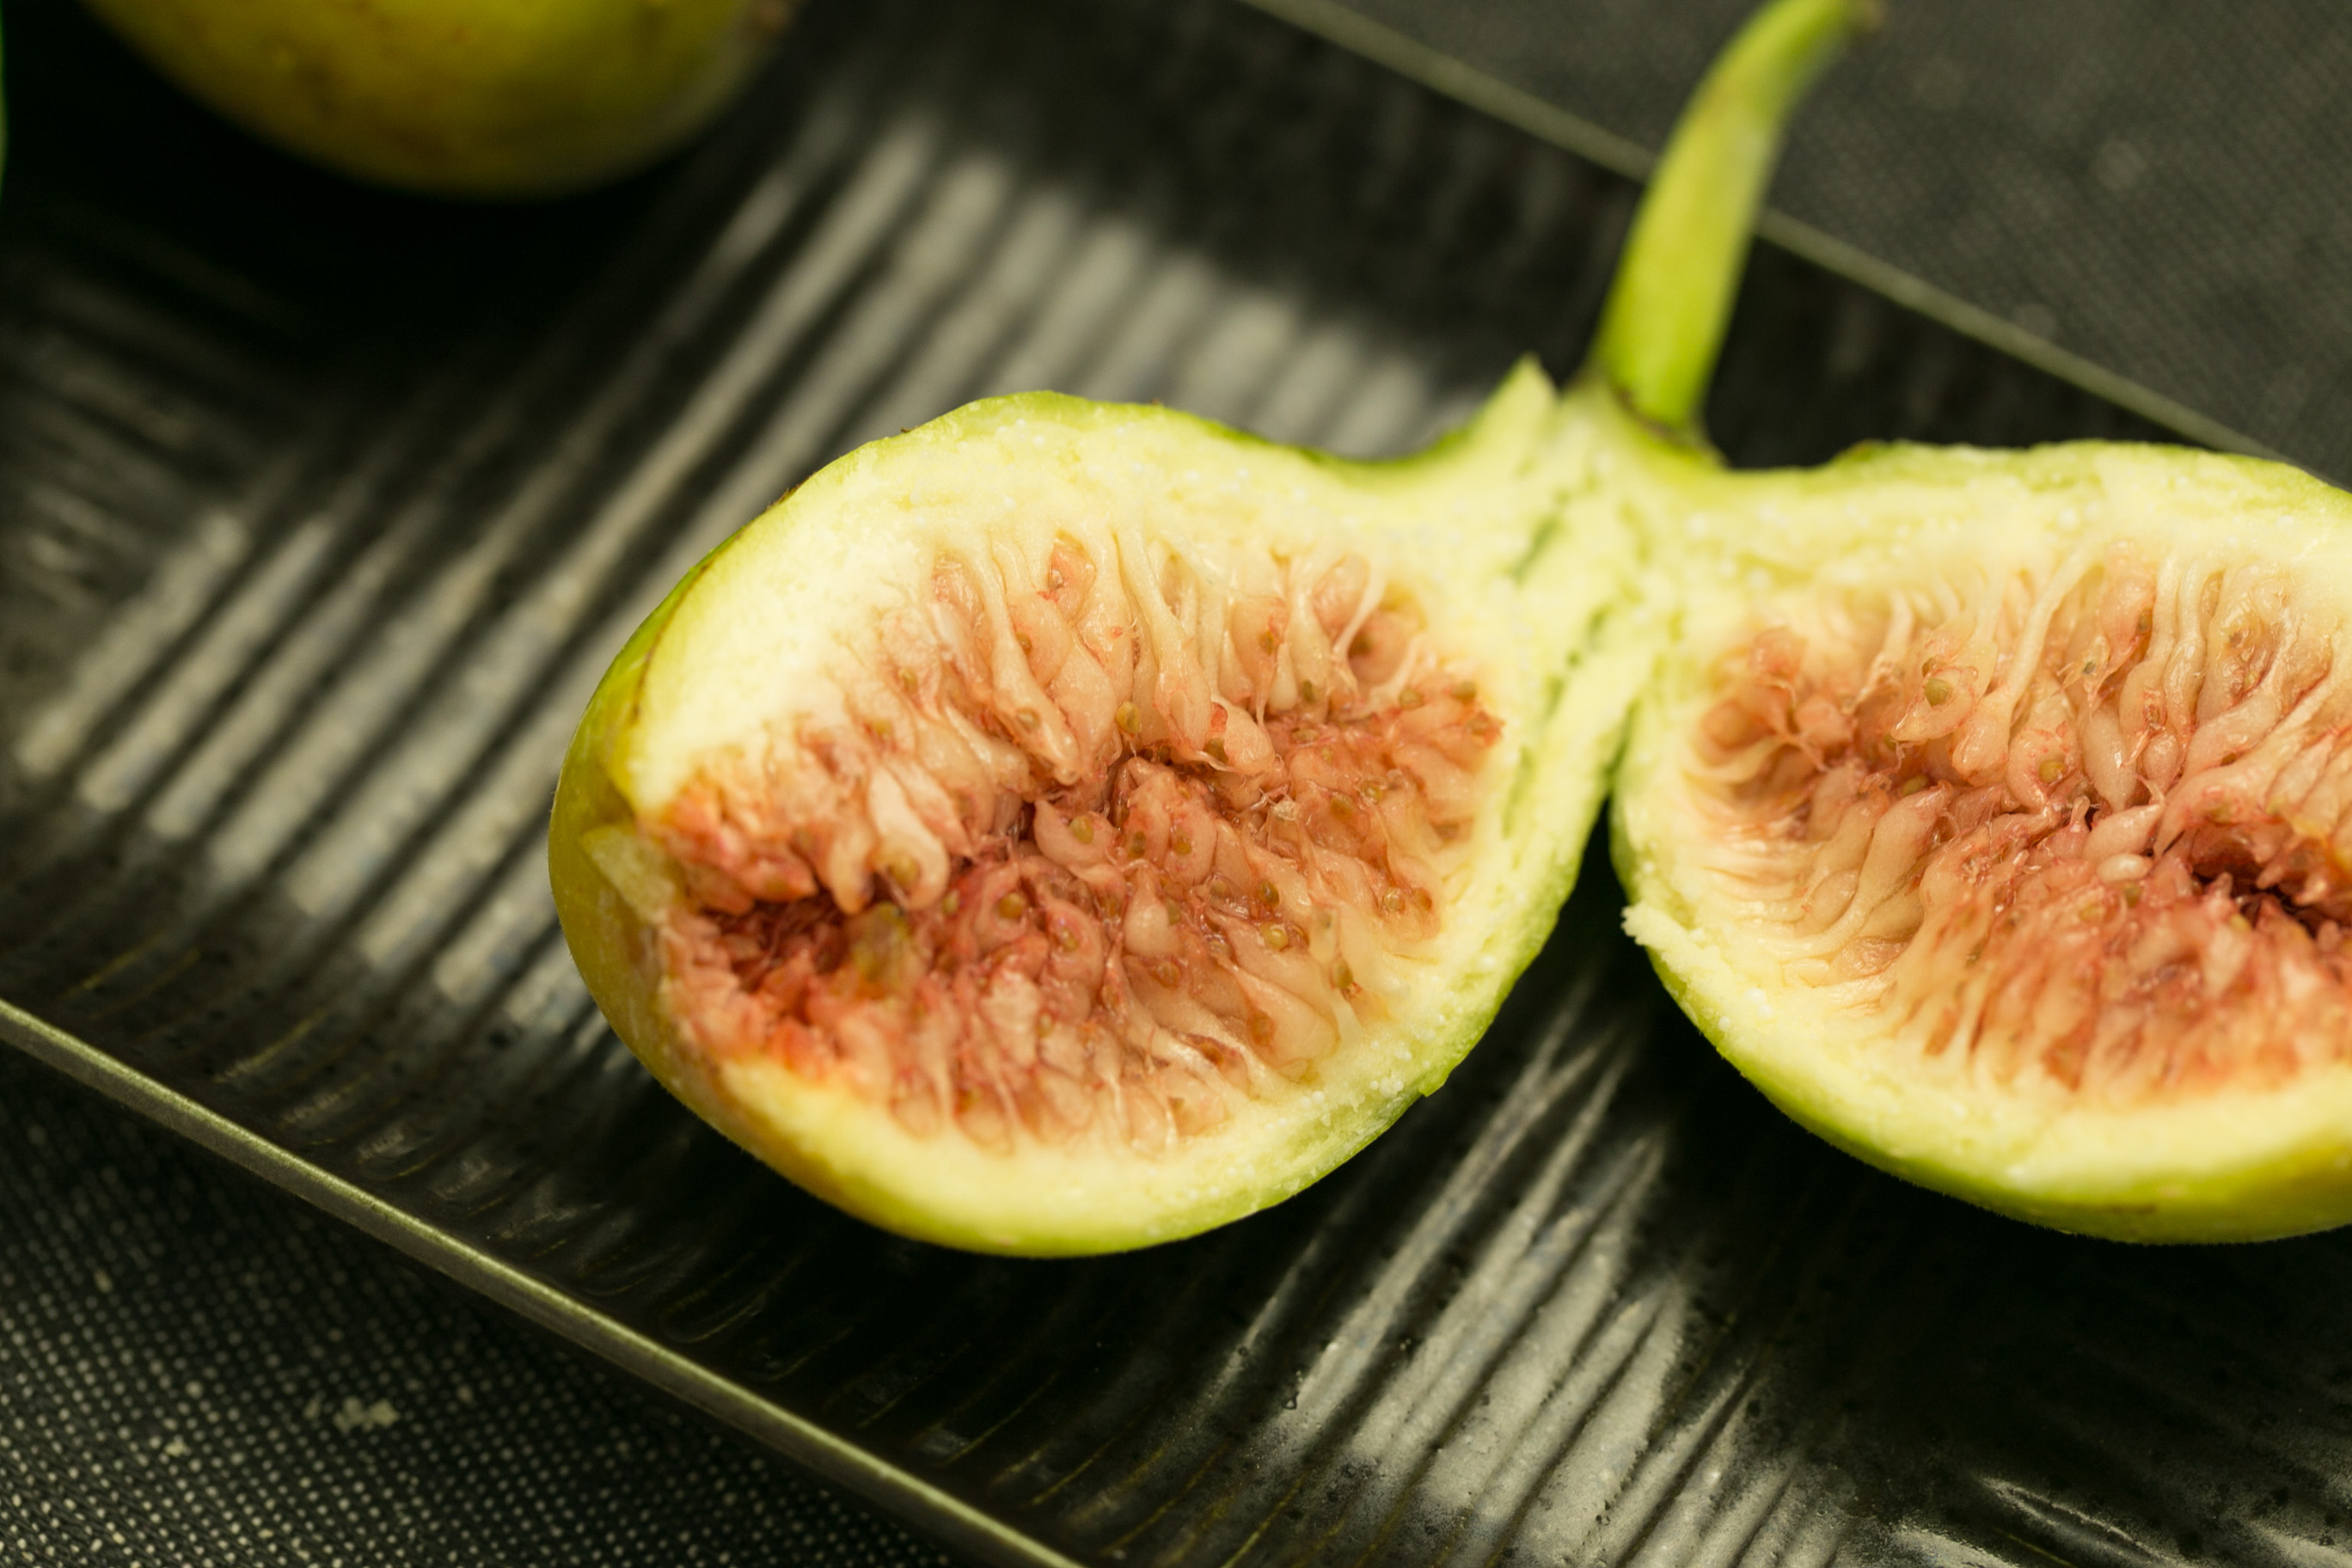 野菜ソムリエと一緒に『いちじく』のお勉強!